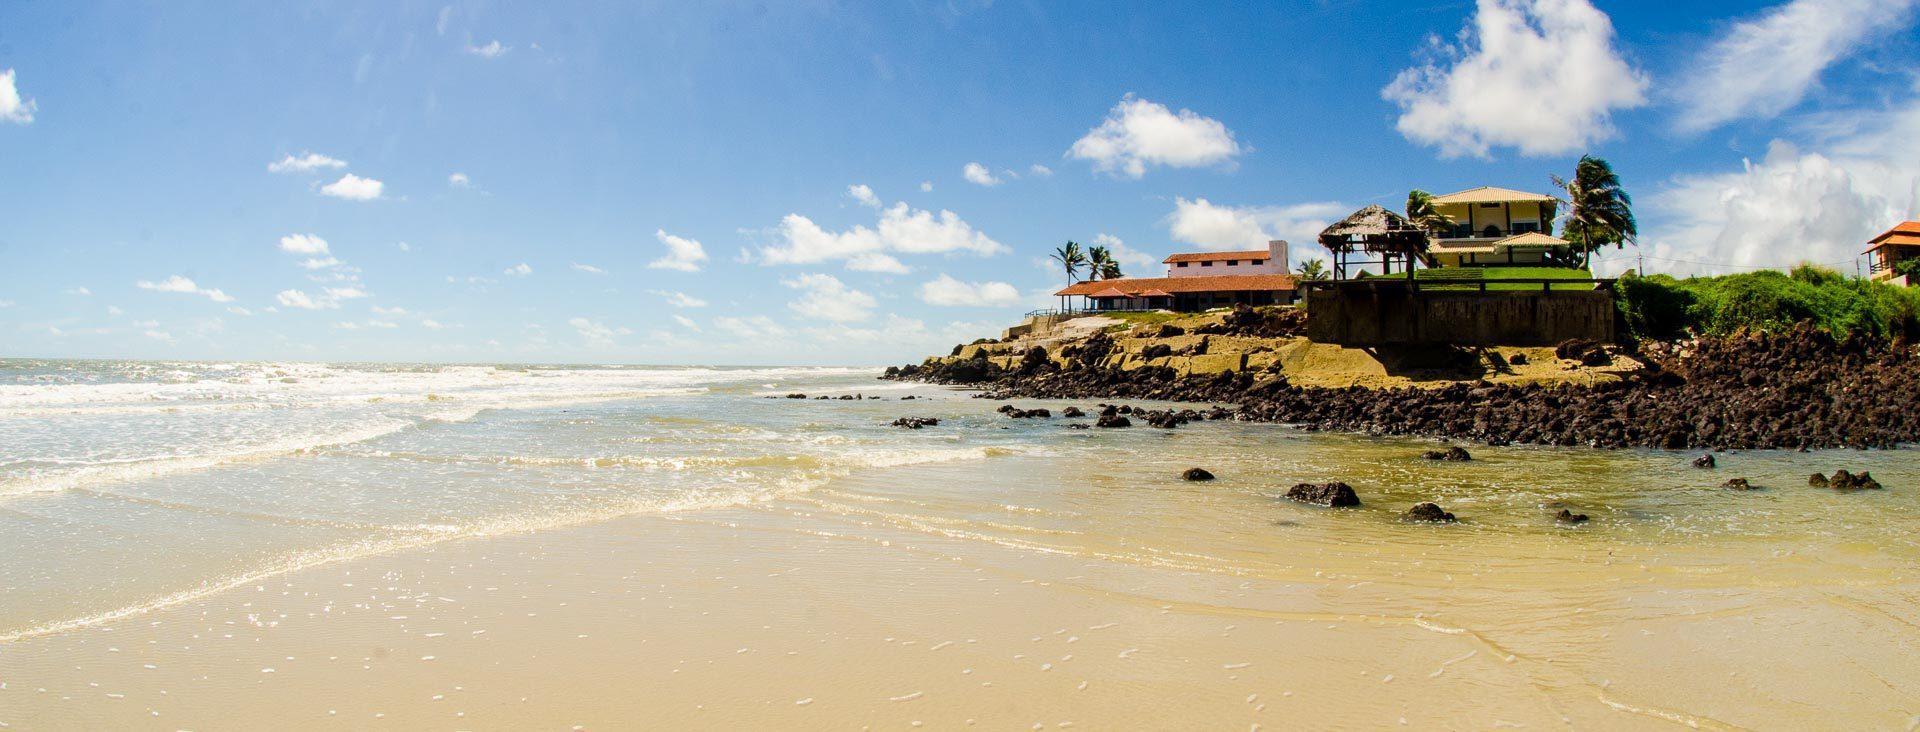 Resultado de imagem para fotos de salinopolis praia do farol velho